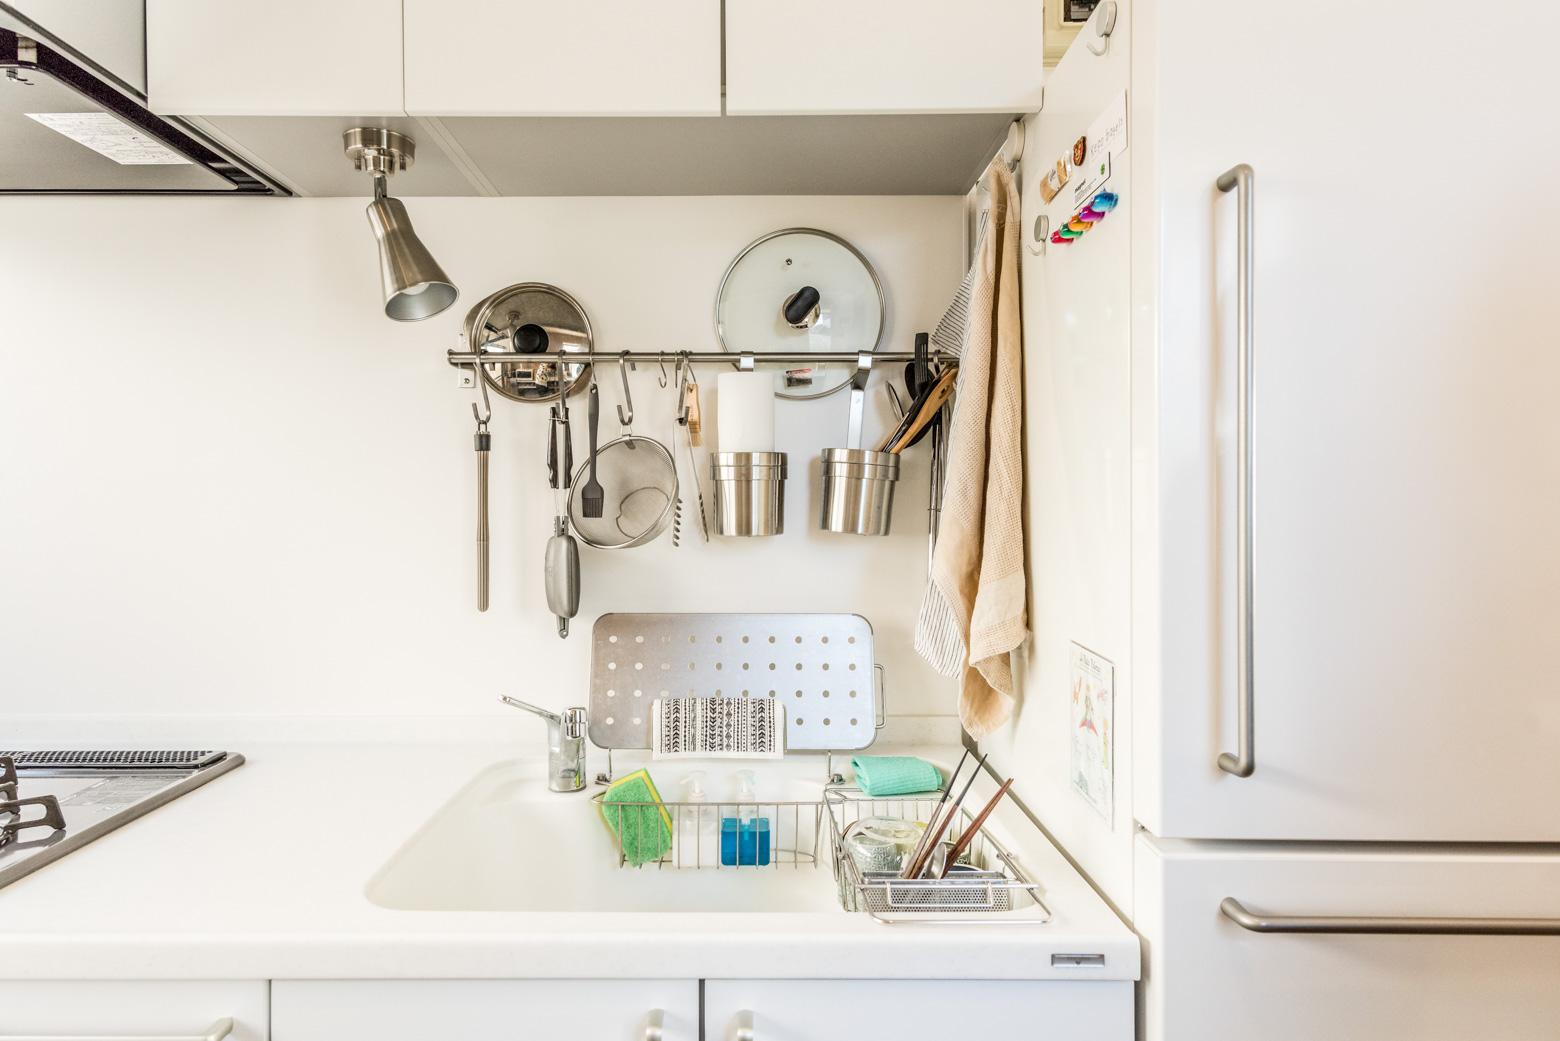 「キッチンがステンレスじゃなくて白いのも気に入ってます」